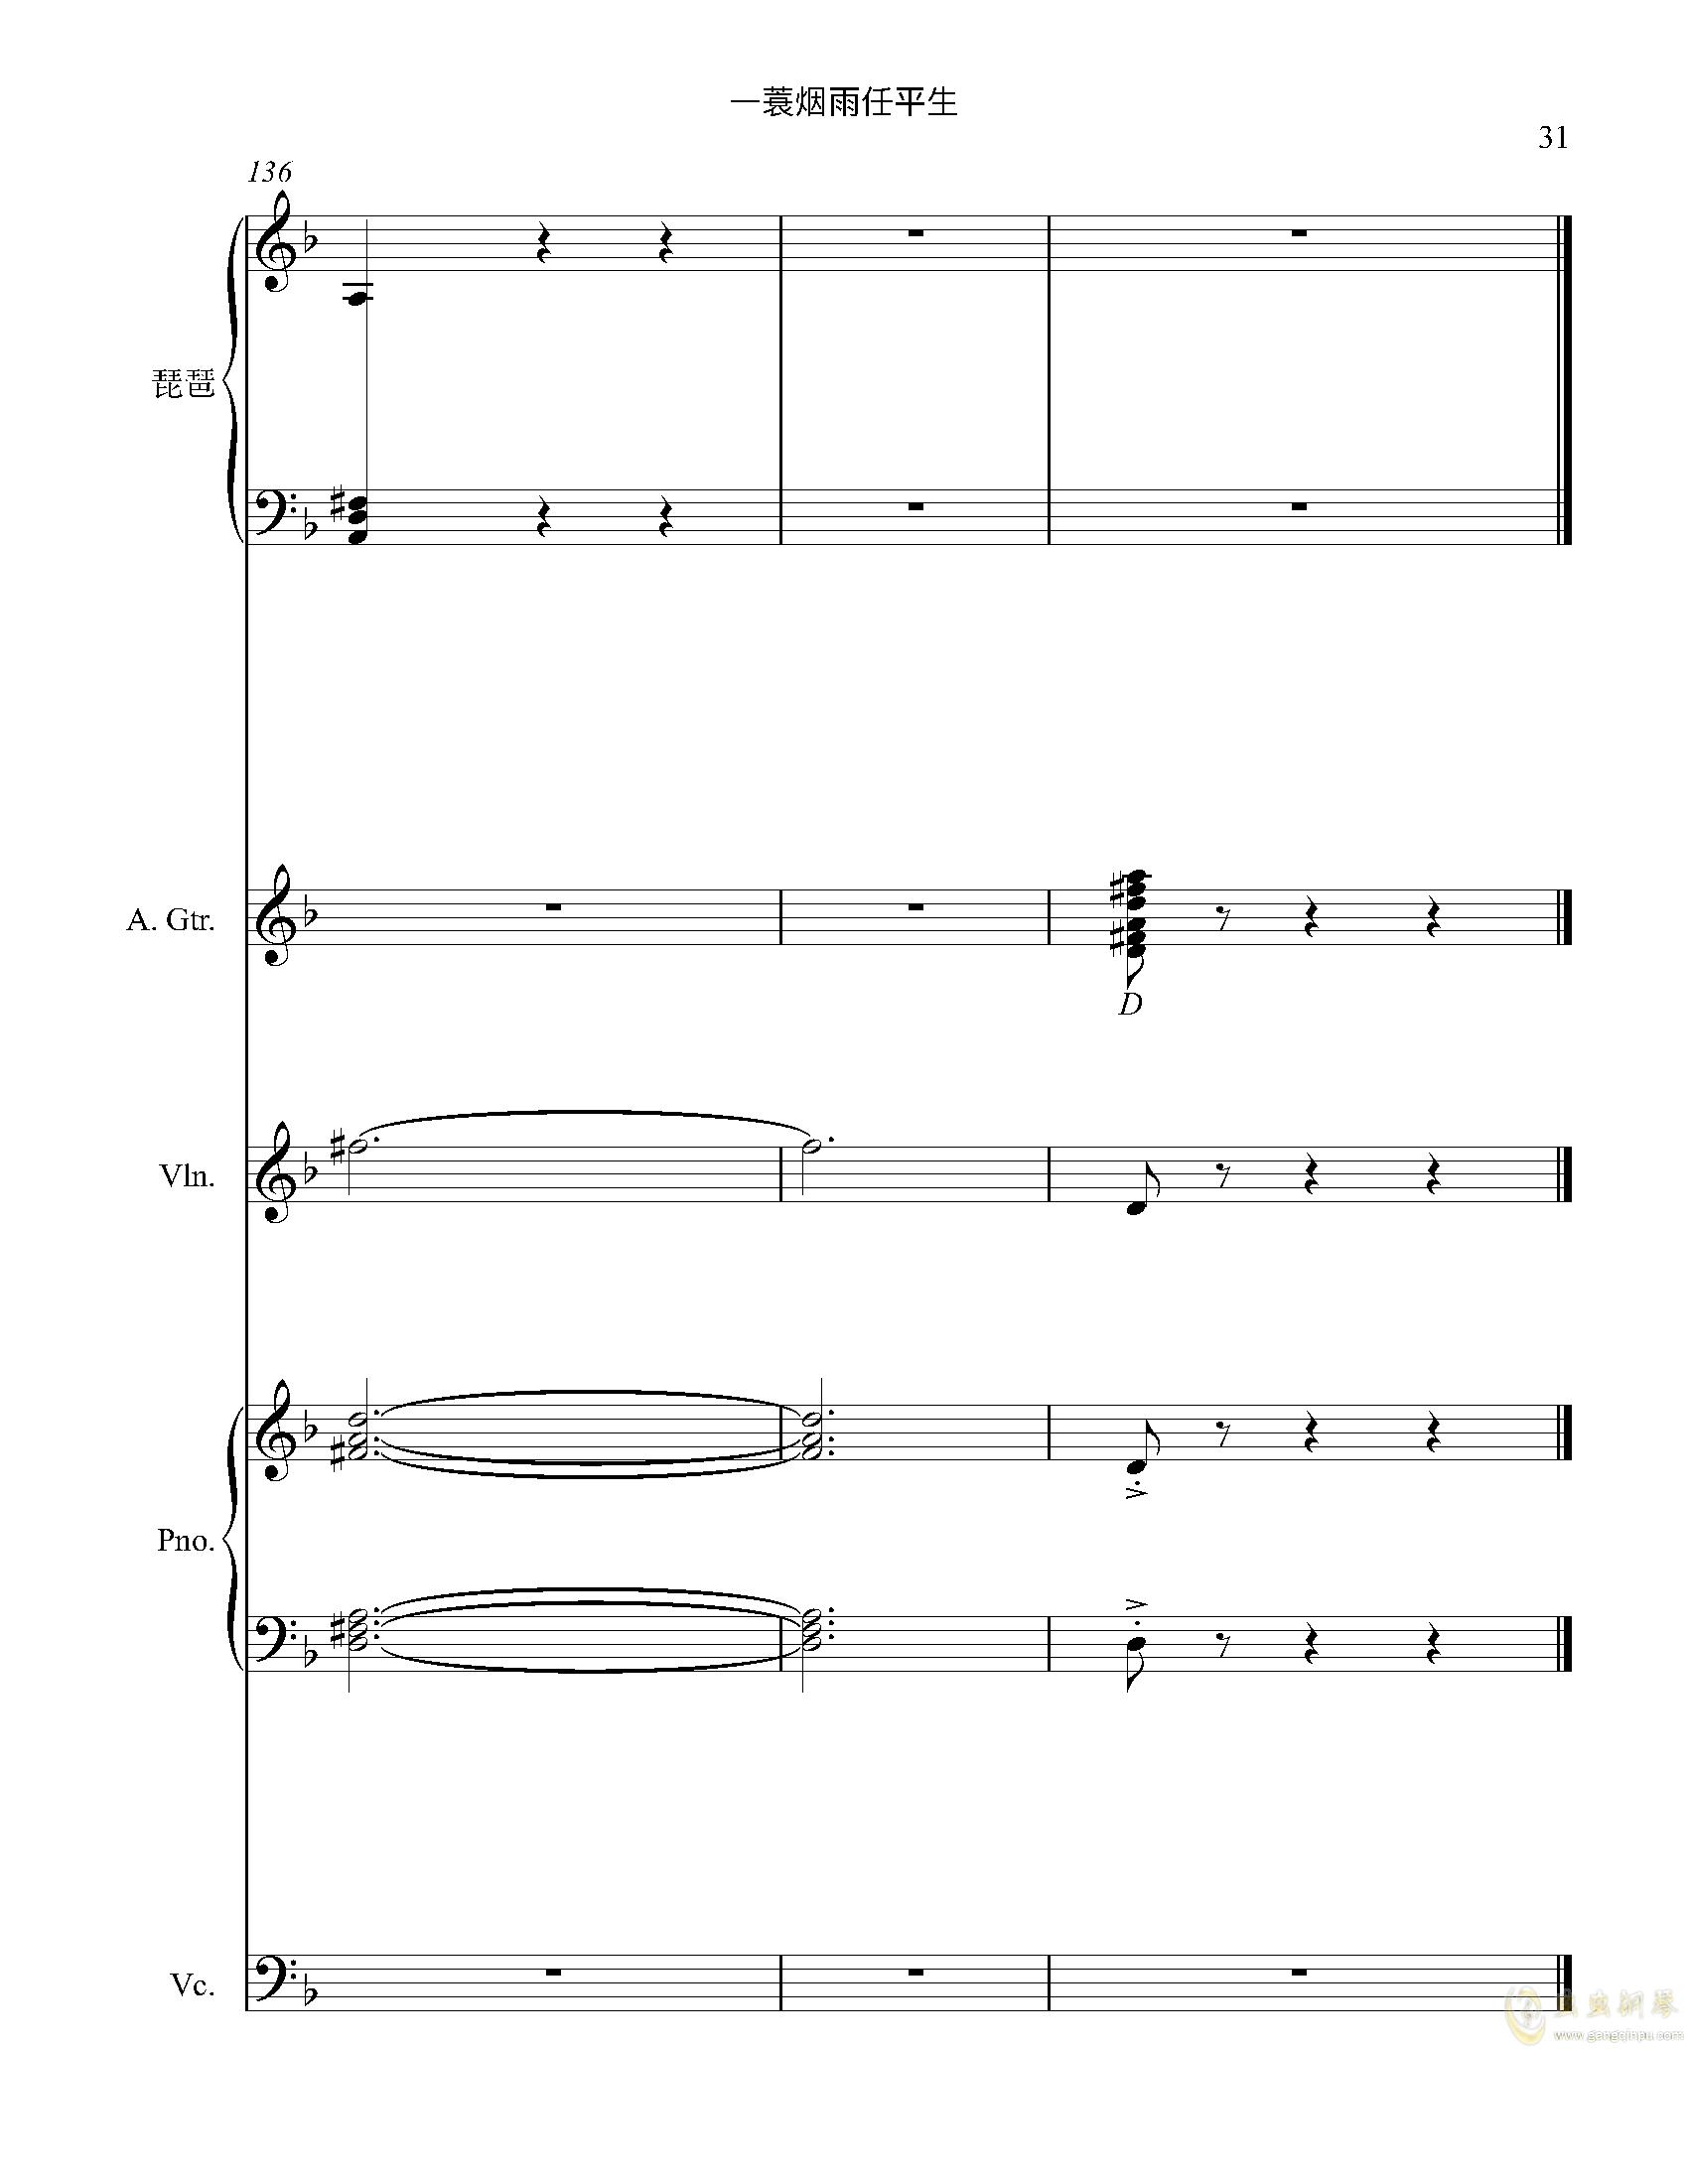 一蓑烟雨任平生钢琴谱 第31页